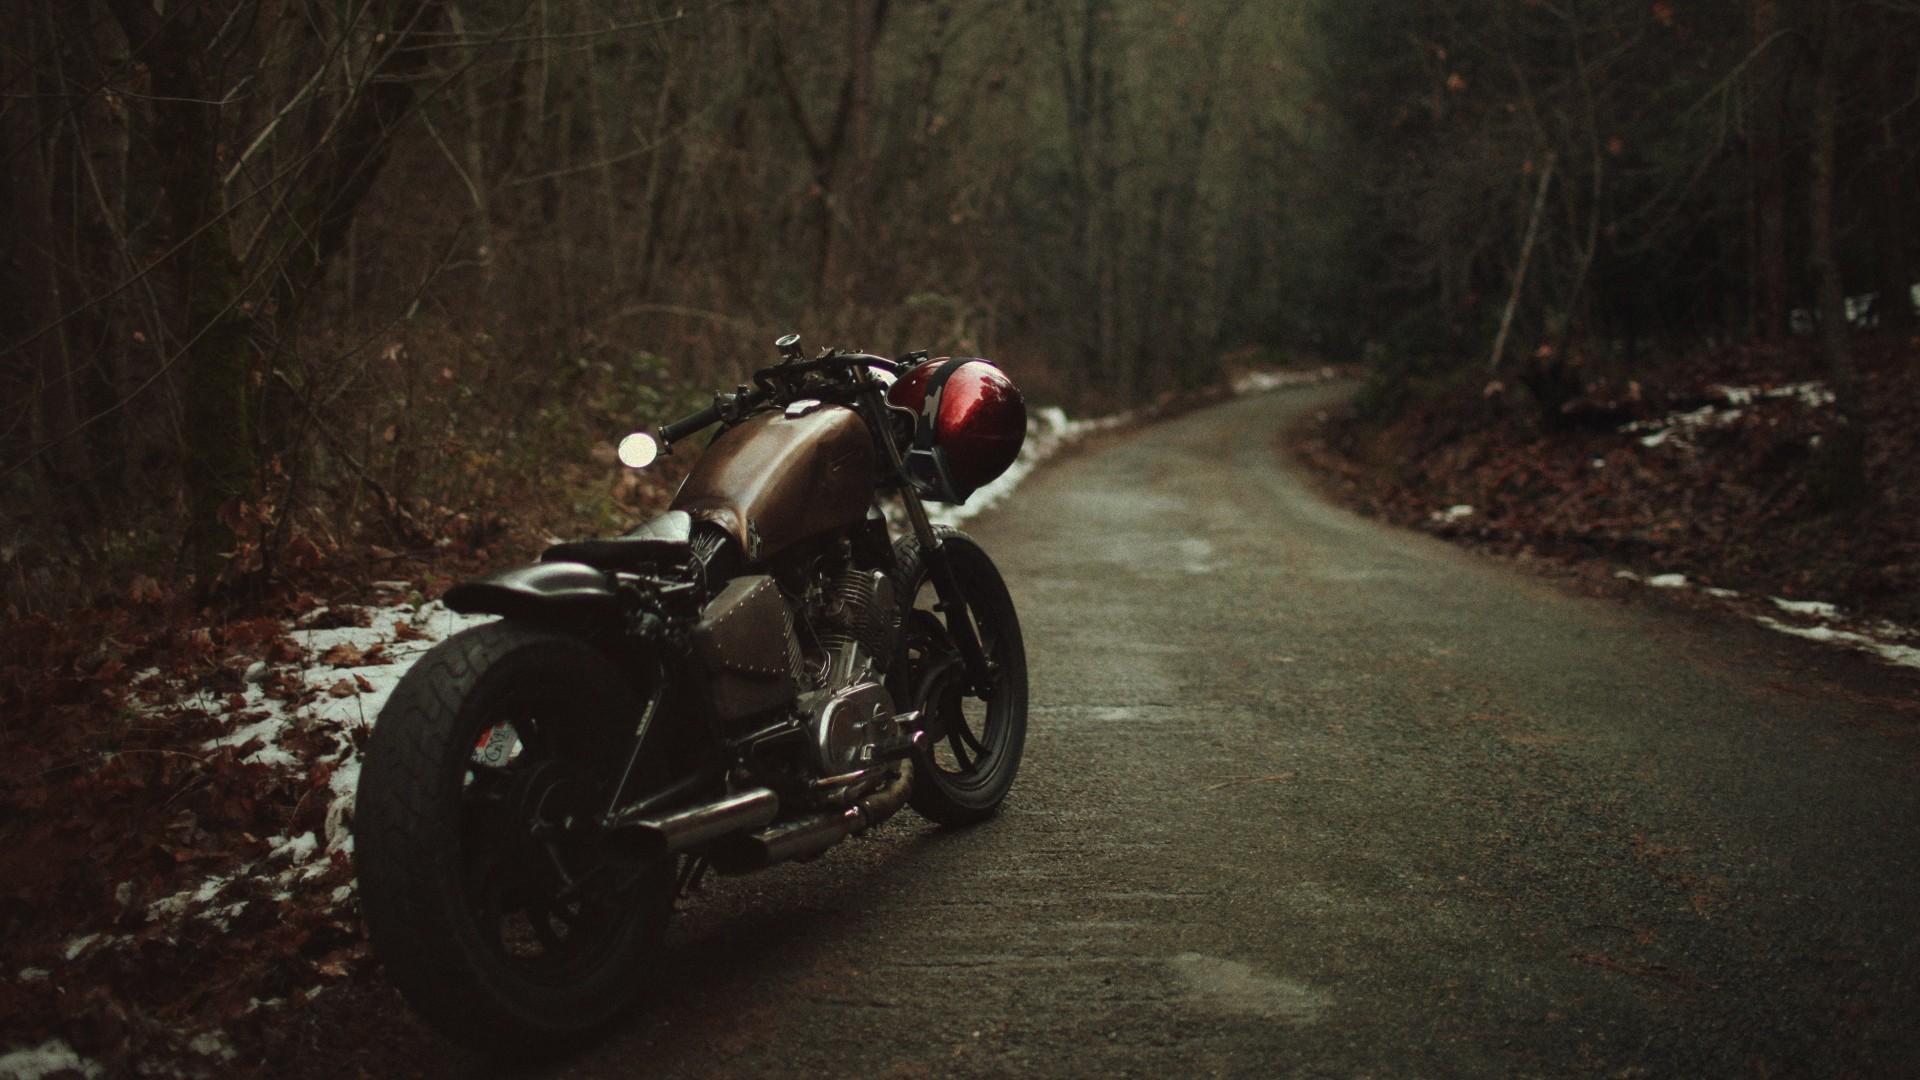 Черный мотоцикл в поле  № 3425297 загрузить